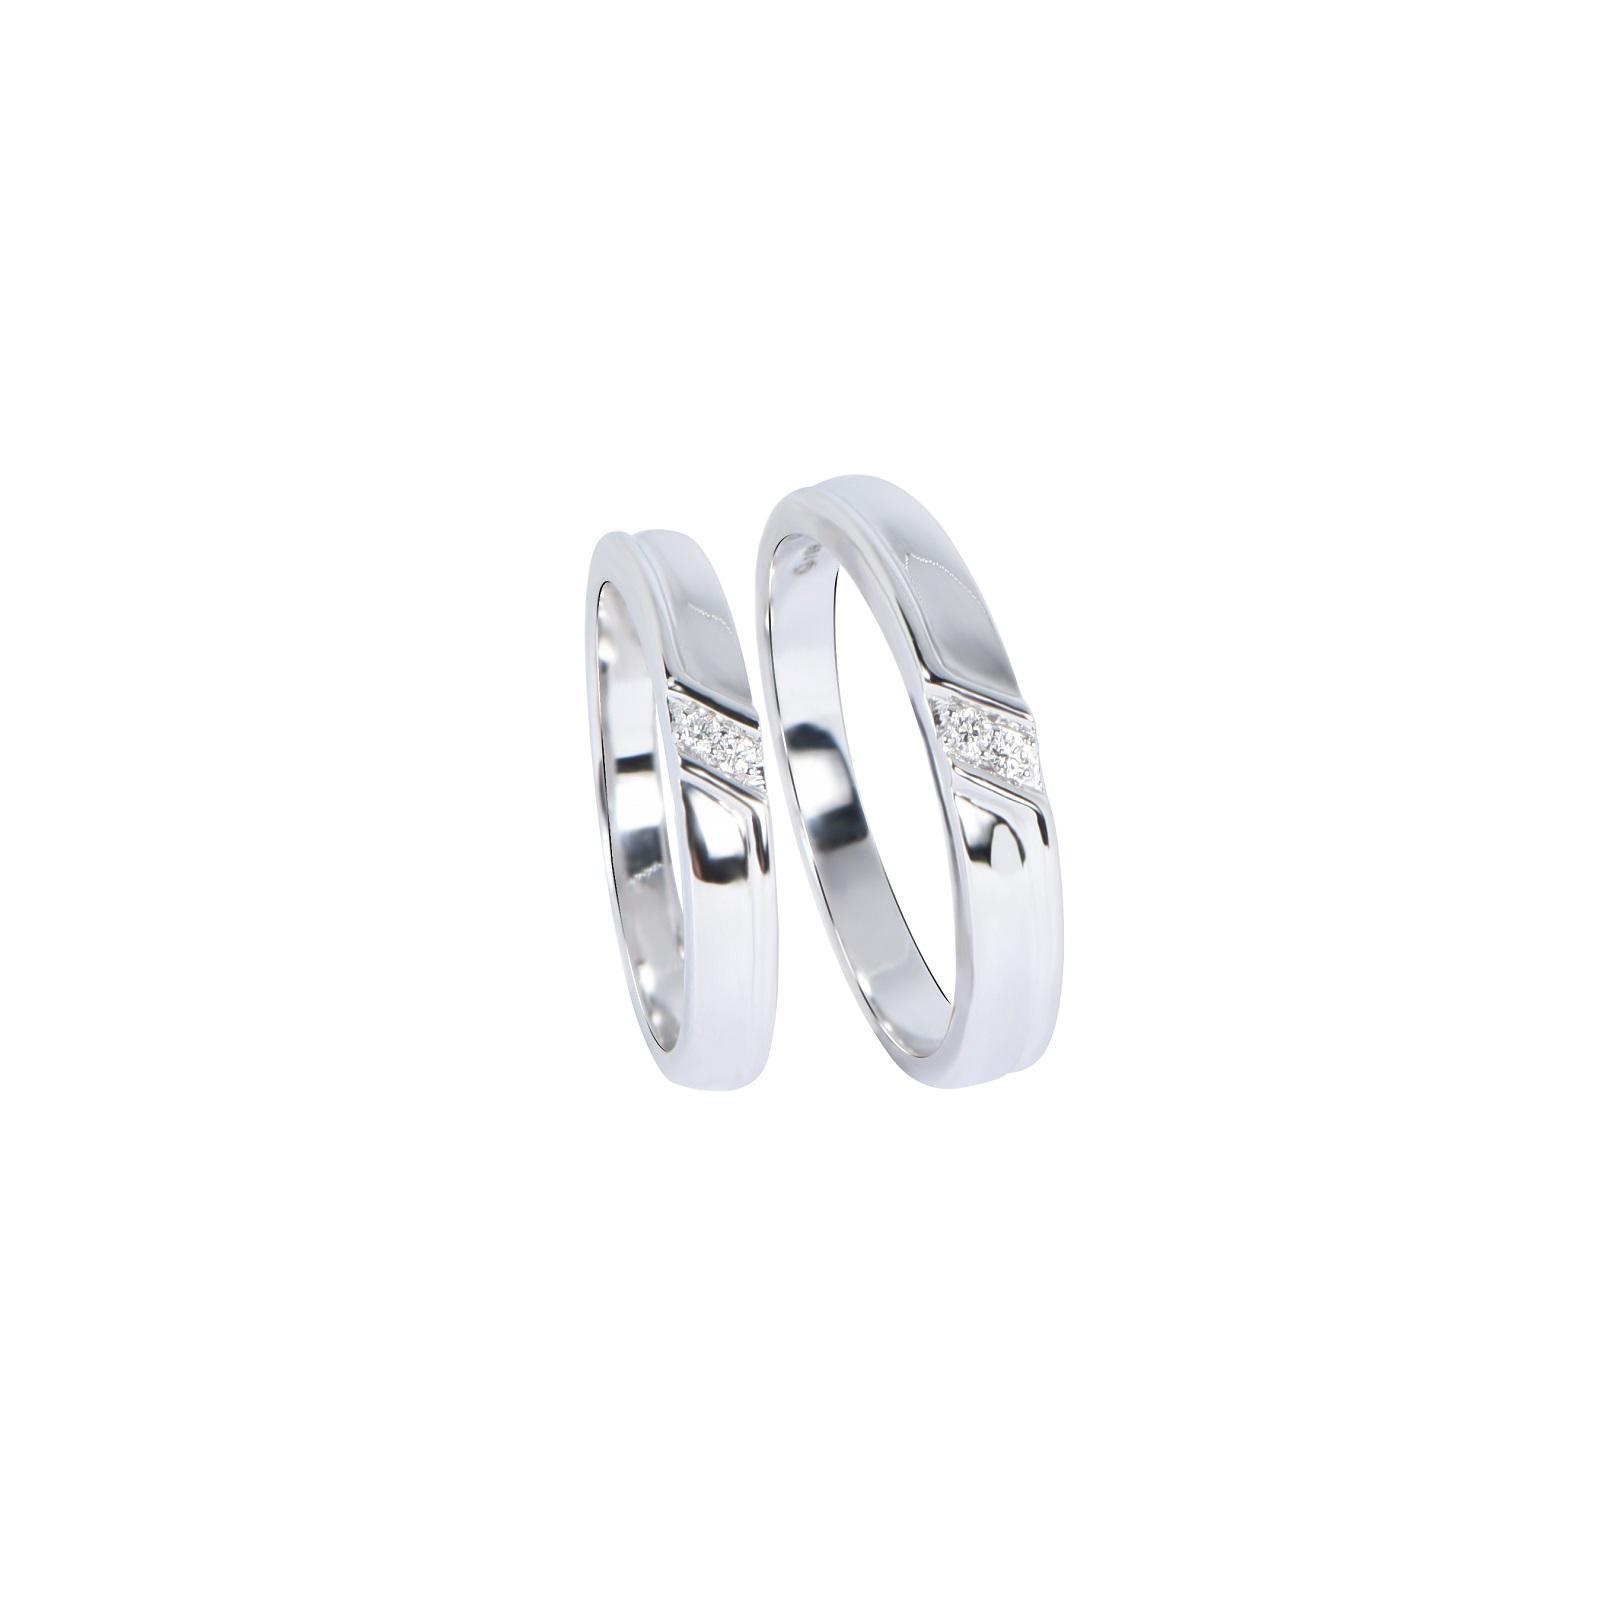 Nhẫn cưới Kim cương nữ 20QR023.2TI